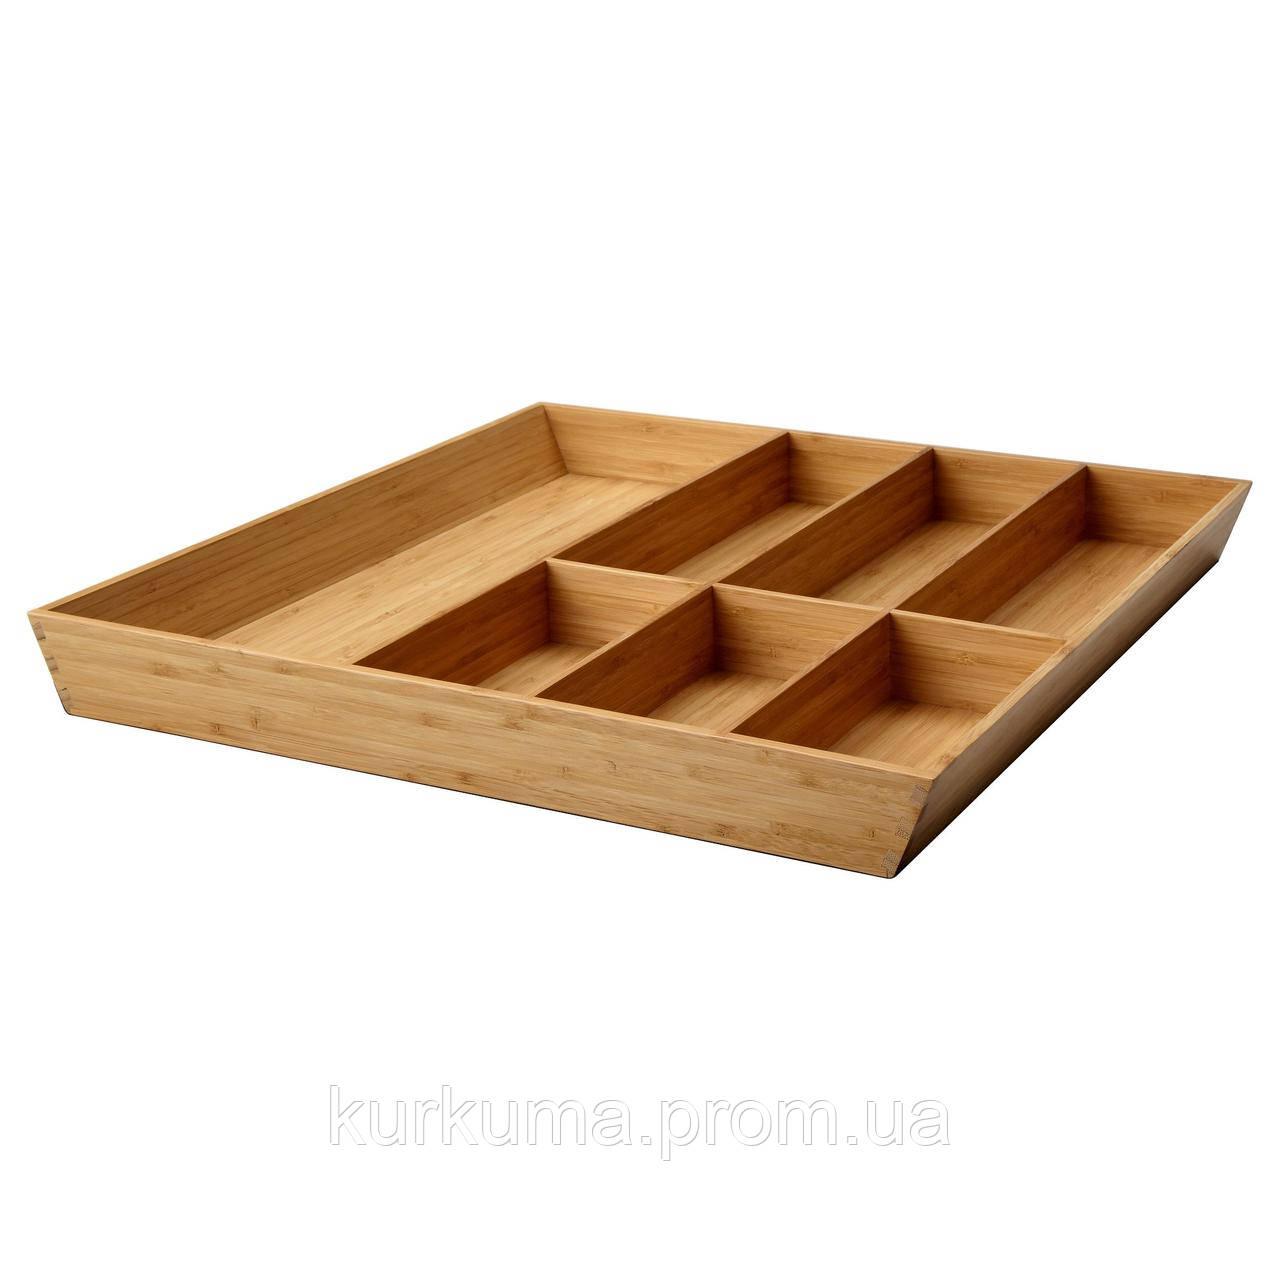 IKEA VARIERA Лоток для столовых приборов, бамбук  (402.046.94)